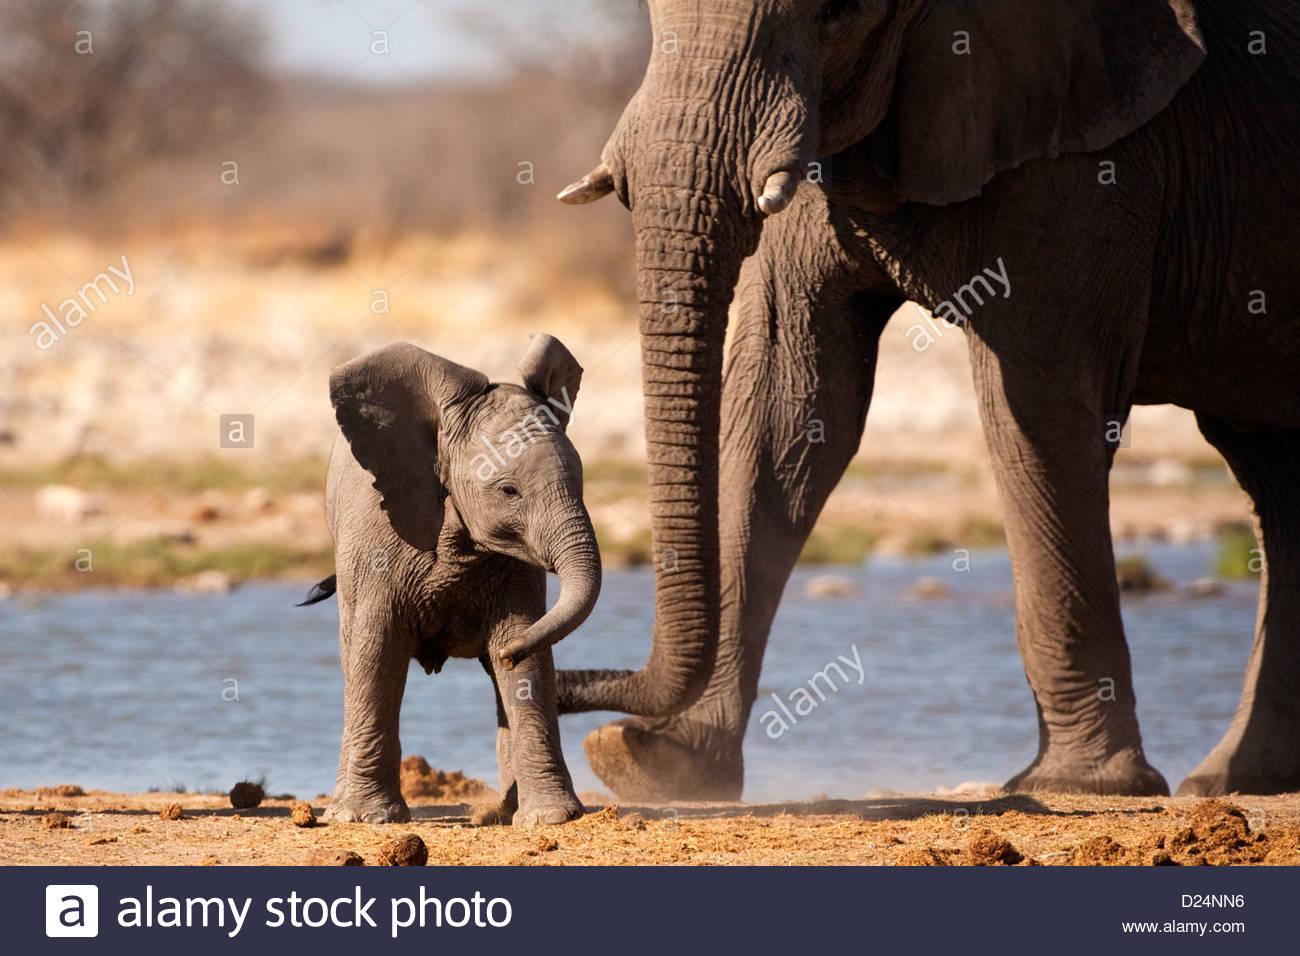 Elefante Africano Loxodonta africanus, madre elefante bebé ayudando a caminar Imagen De Stock